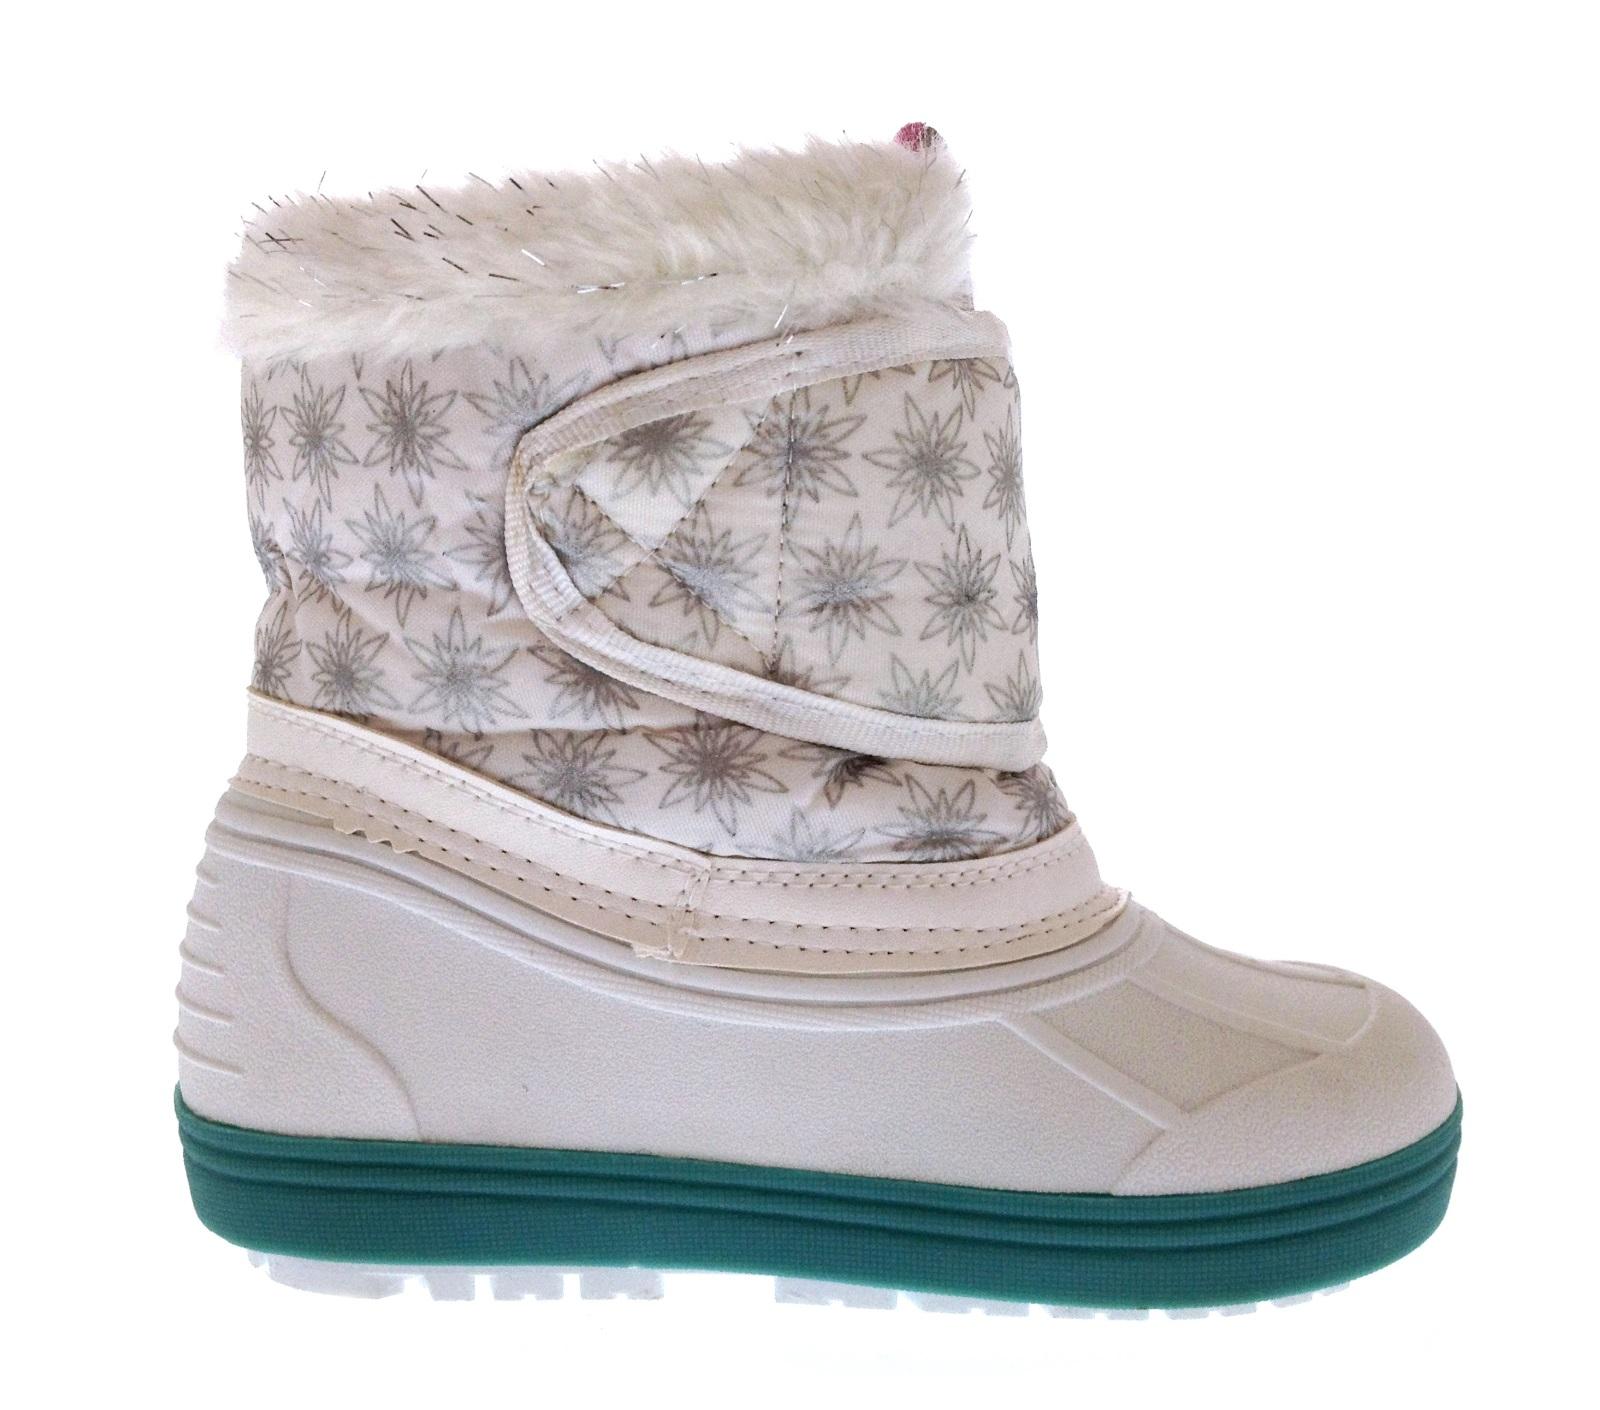 9df0904d7090 Kids Girls Disney Frozen Elsa Anna Snow Boots Waterproof Rain ...